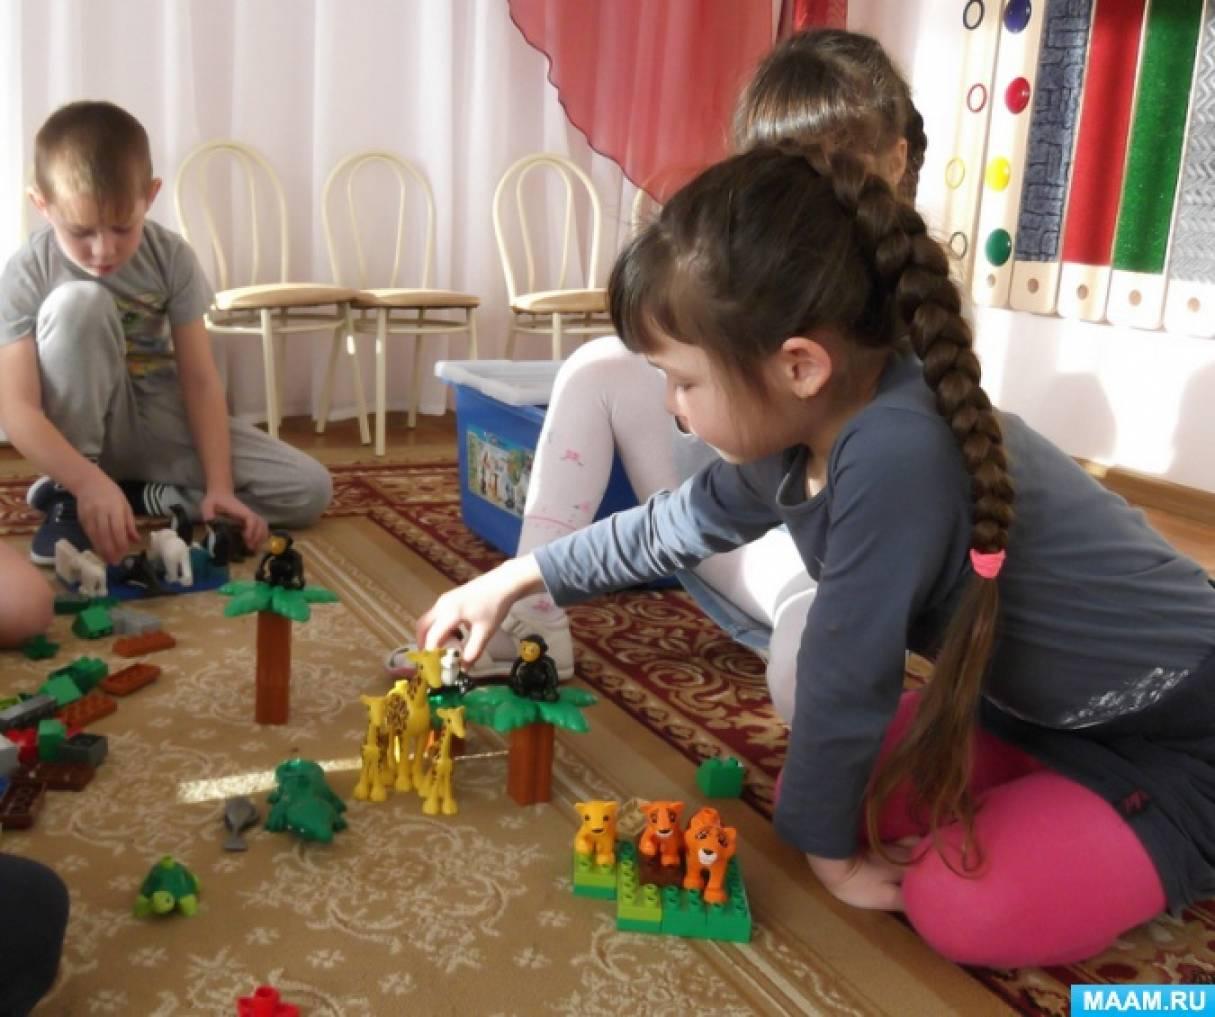 Конструирование в детский сад 95